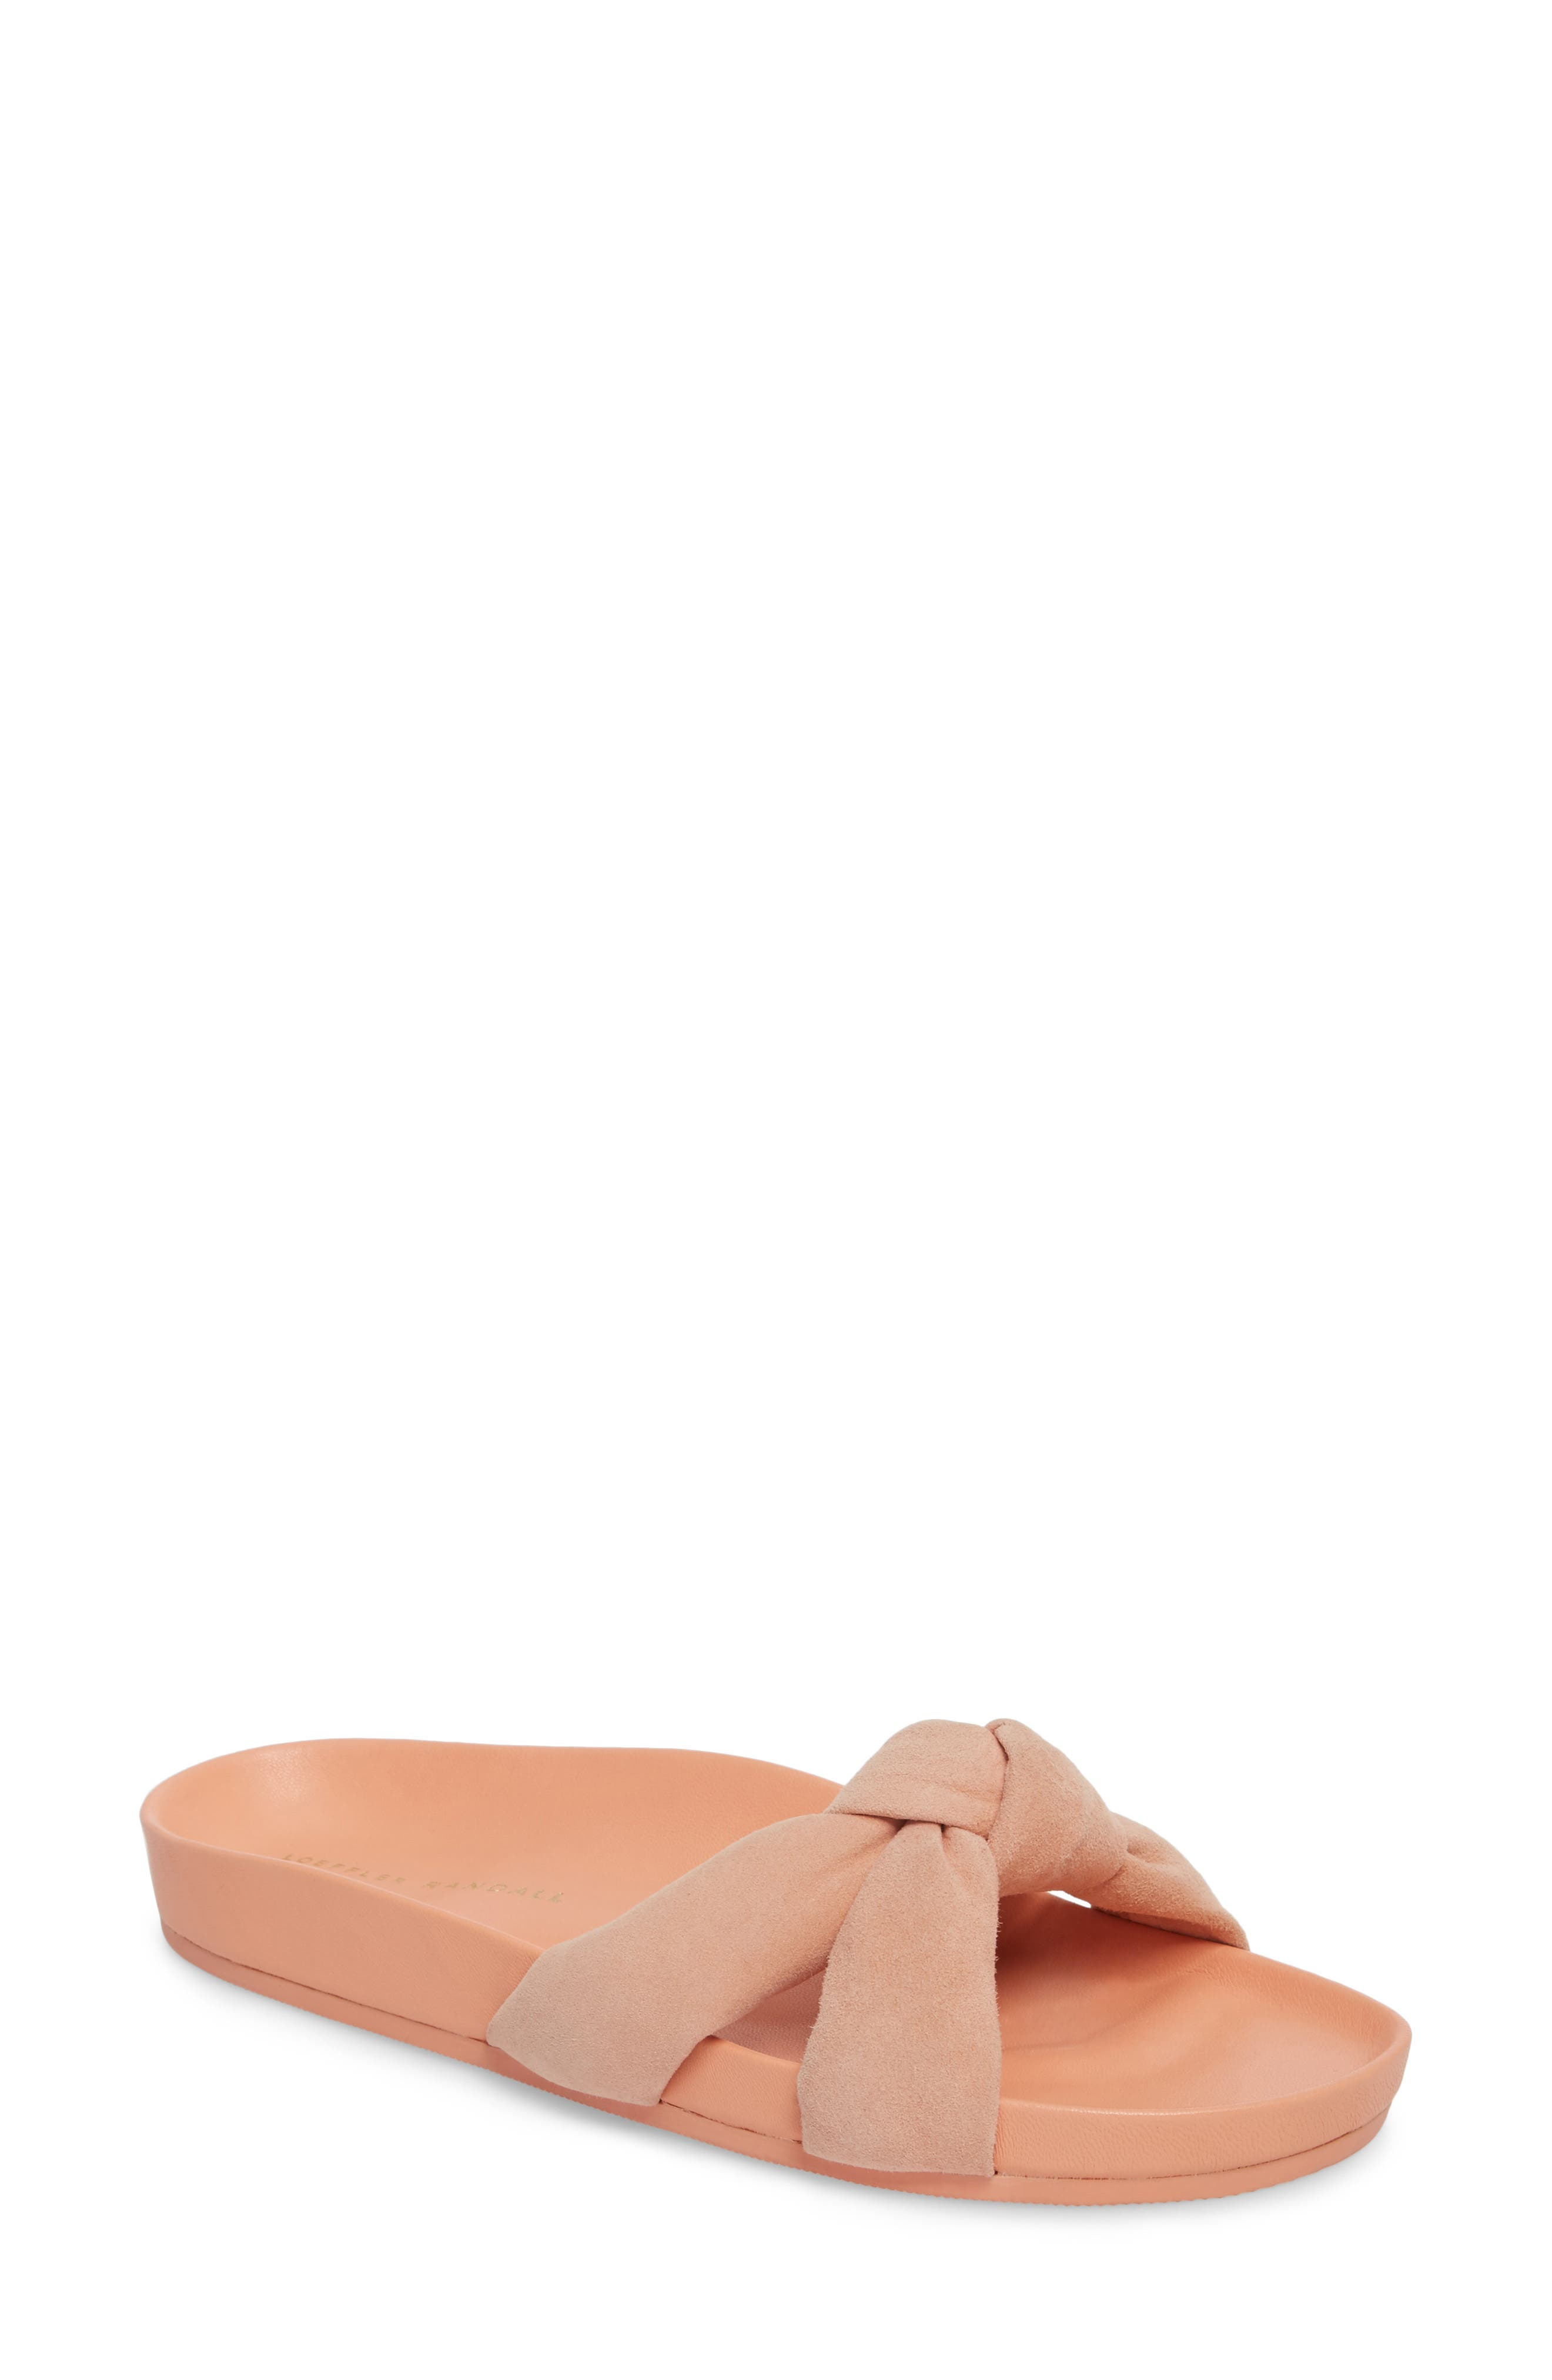 Loeffler Randall Gertie Knotted Slide Sandal (Women)